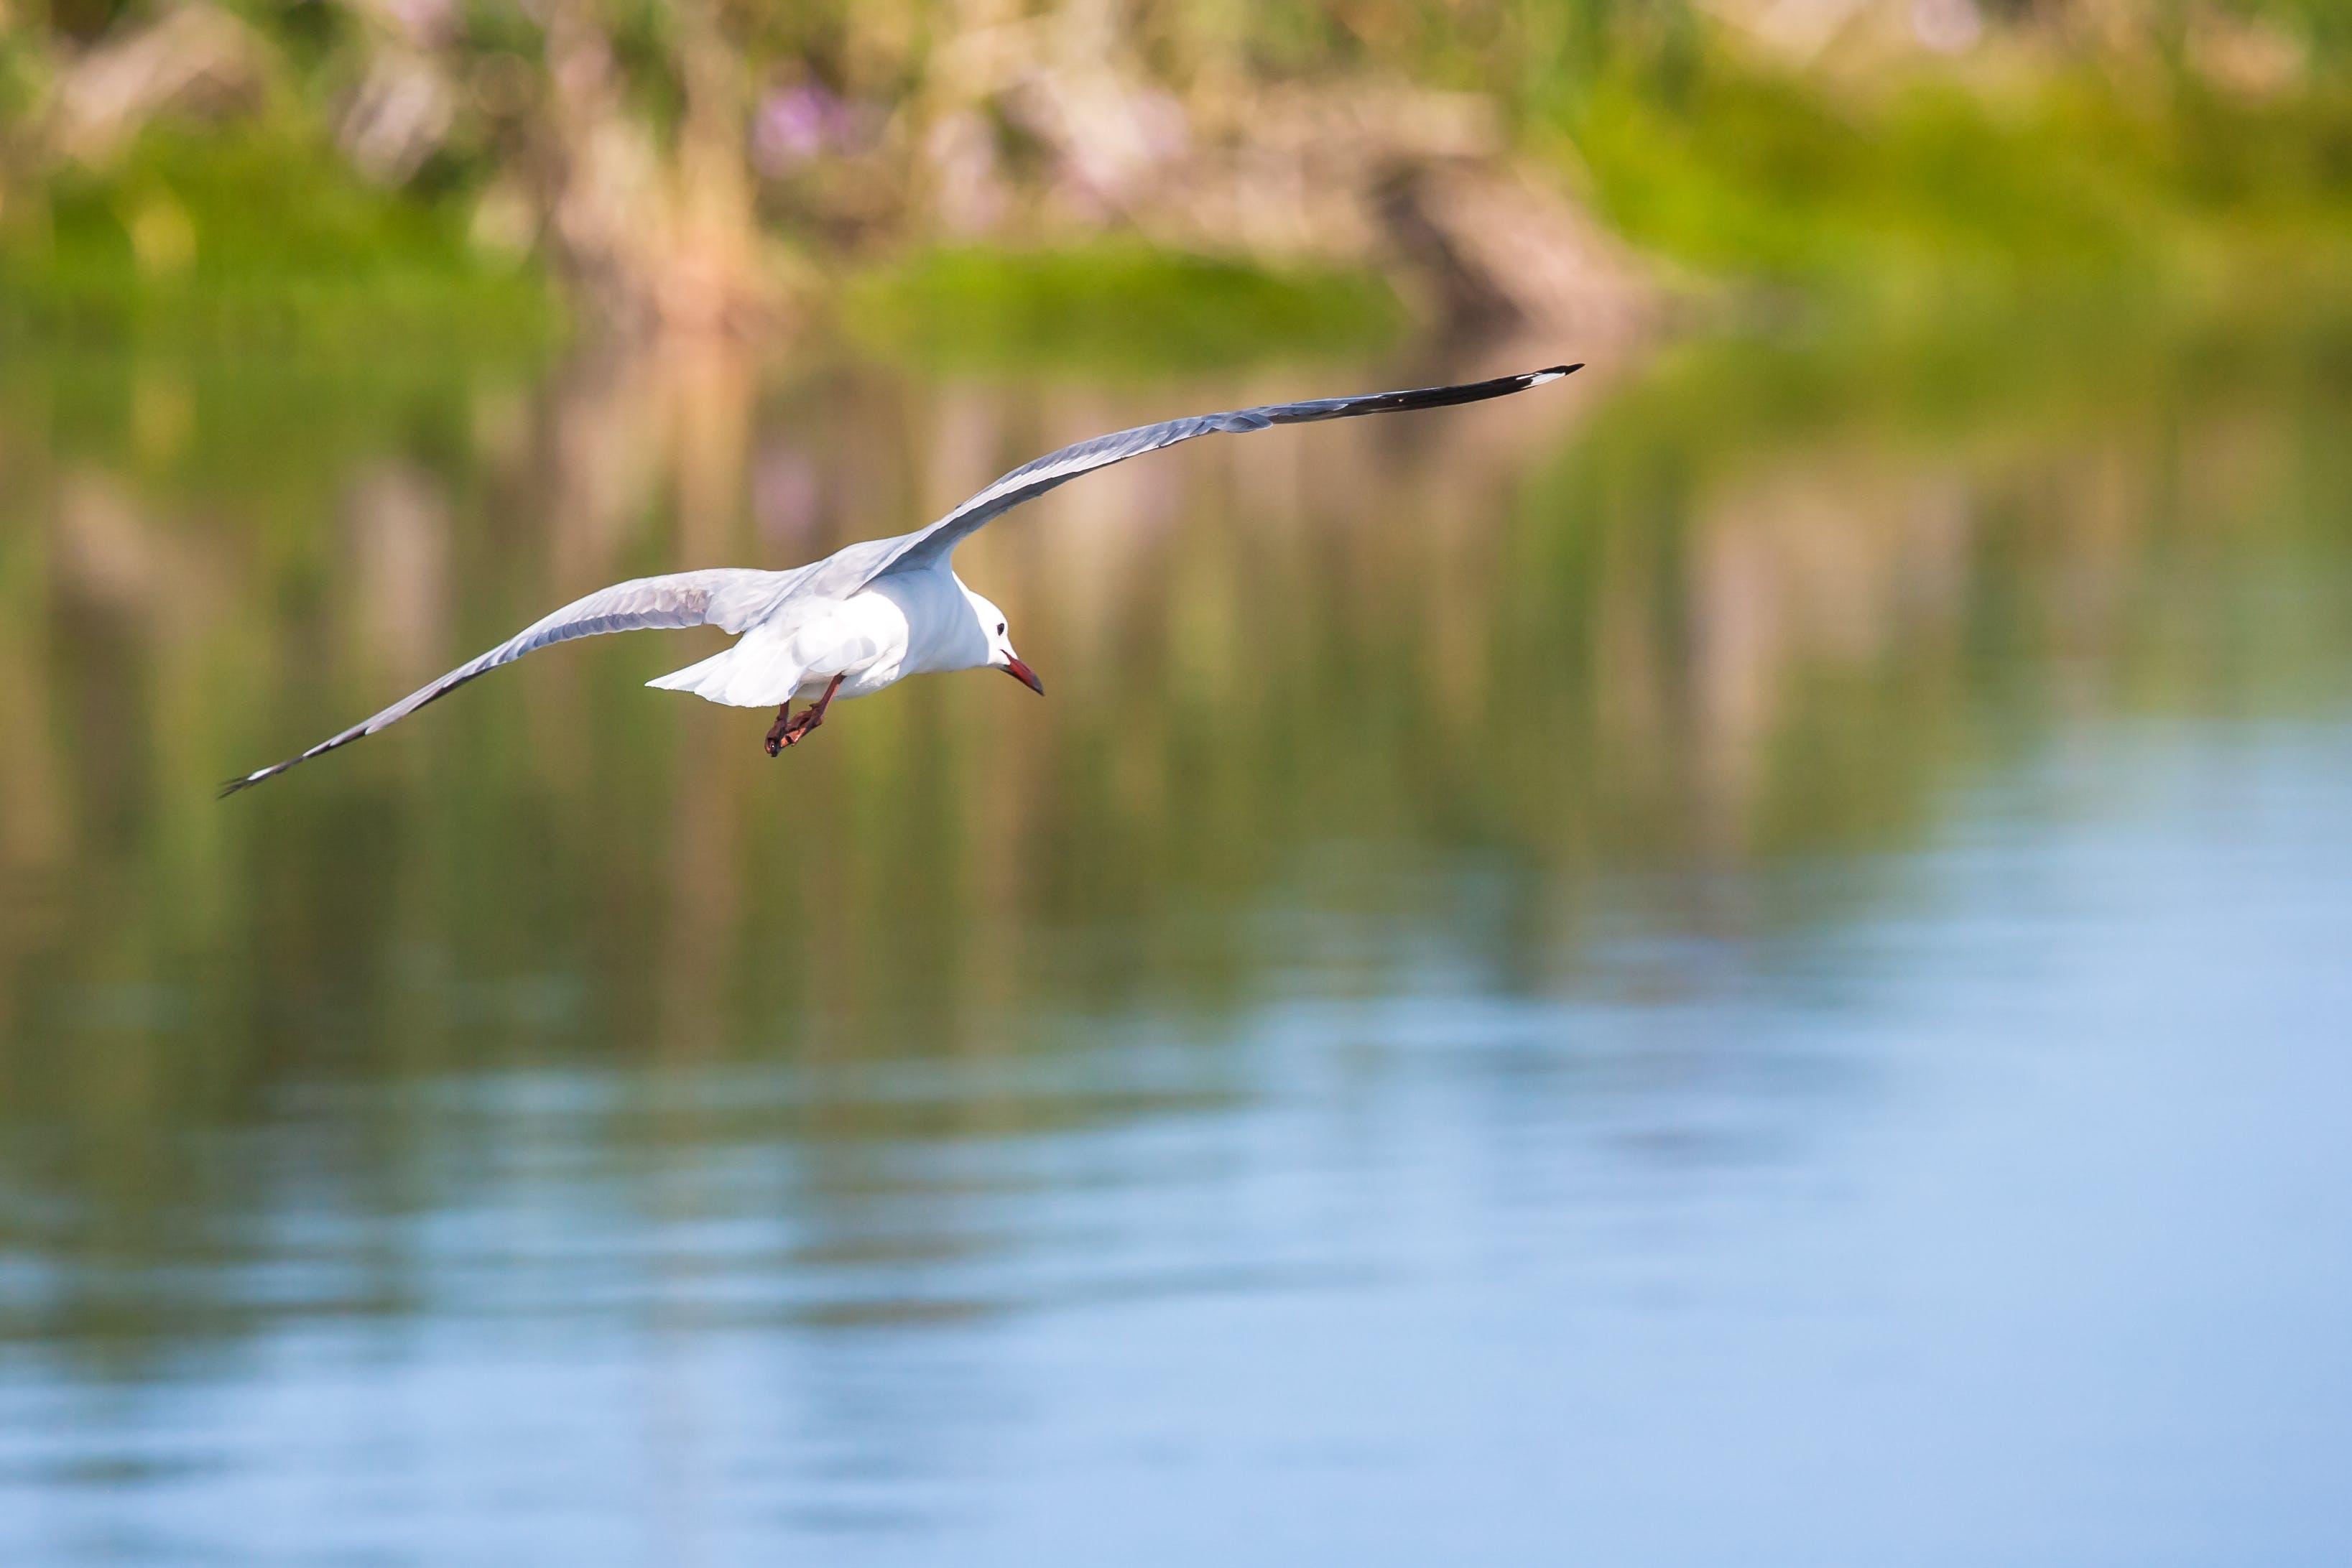 Δωρεάν στοκ φωτογραφιών με άγρια φύση, ζώο, κίνηση, νερό